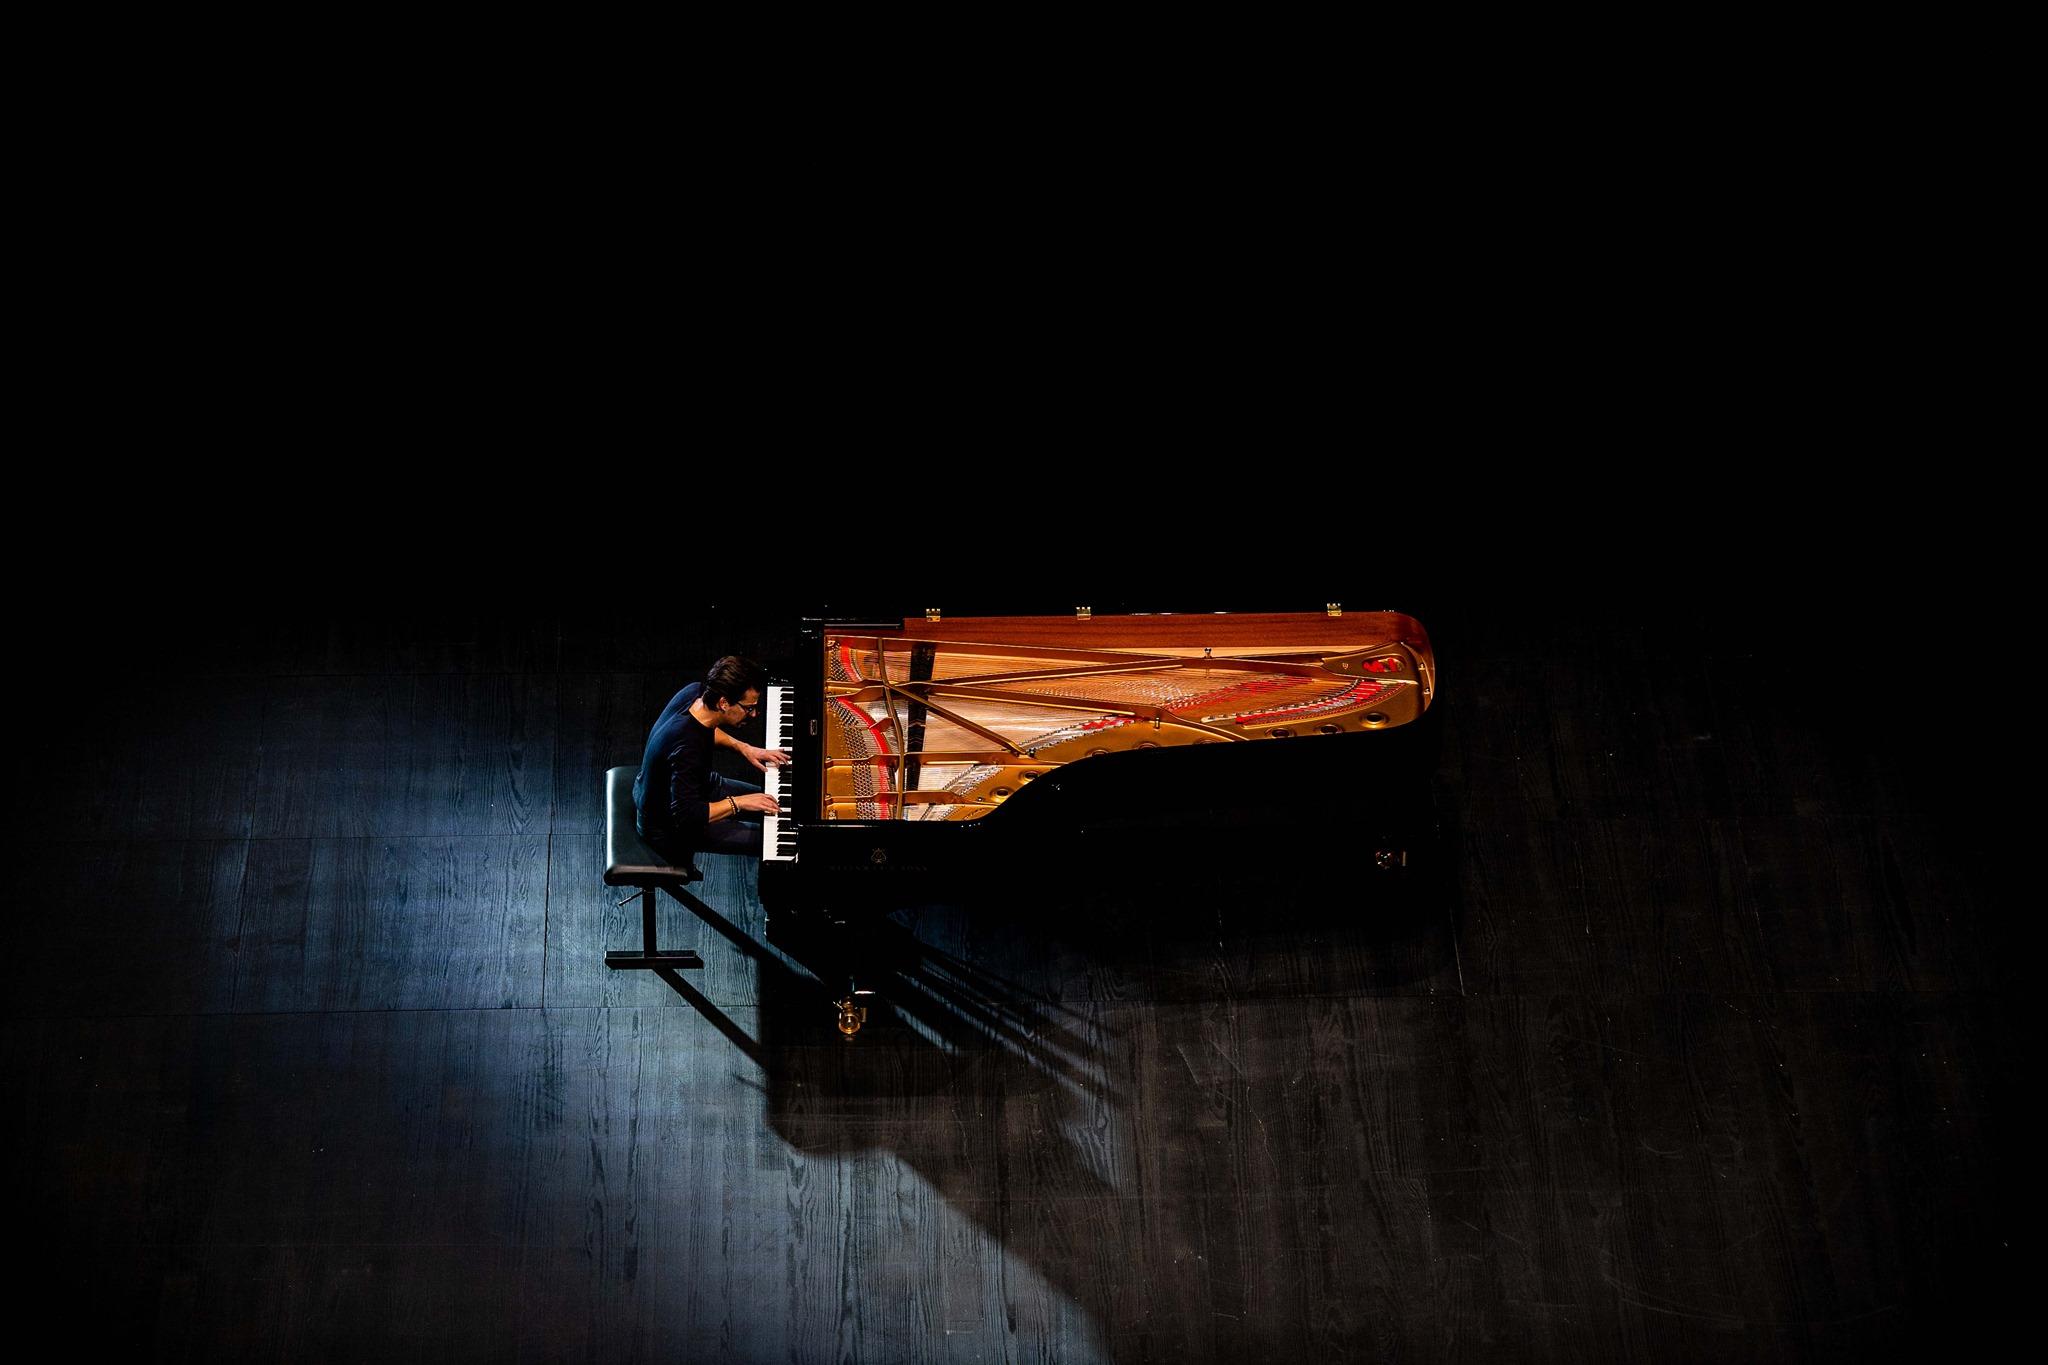 Aniversário Jazz ao Centro/ Intl Jazz Day com Luís Figueiredo 'À Deriva'